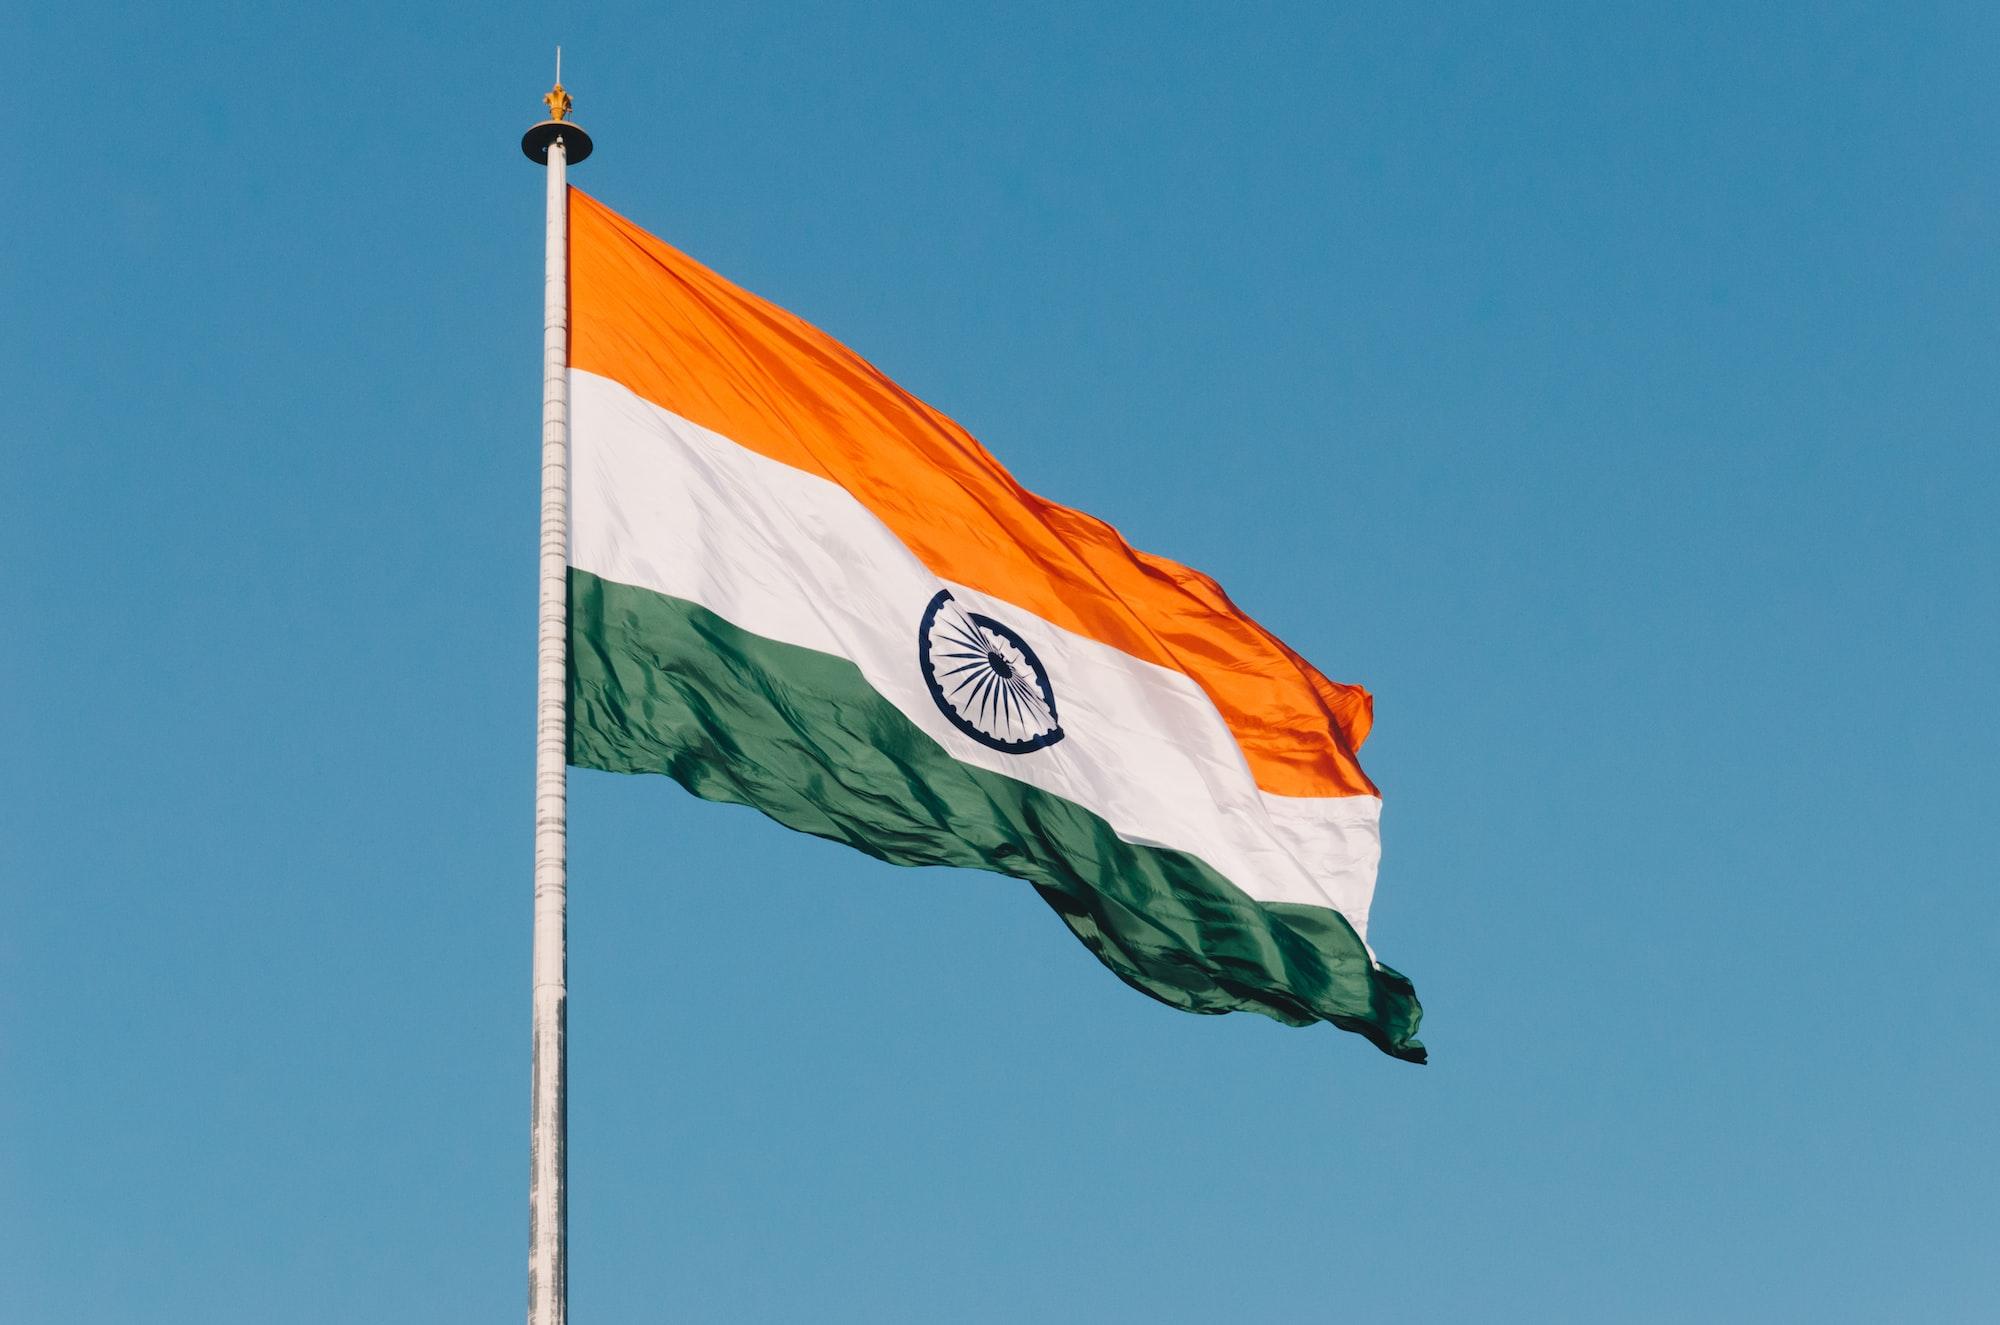 आजादी के 75 वर्ष: अमेरिका के 75 शहरों में रक्तदान शिविर लगाएंगे भारतीय डॉक्टर्स